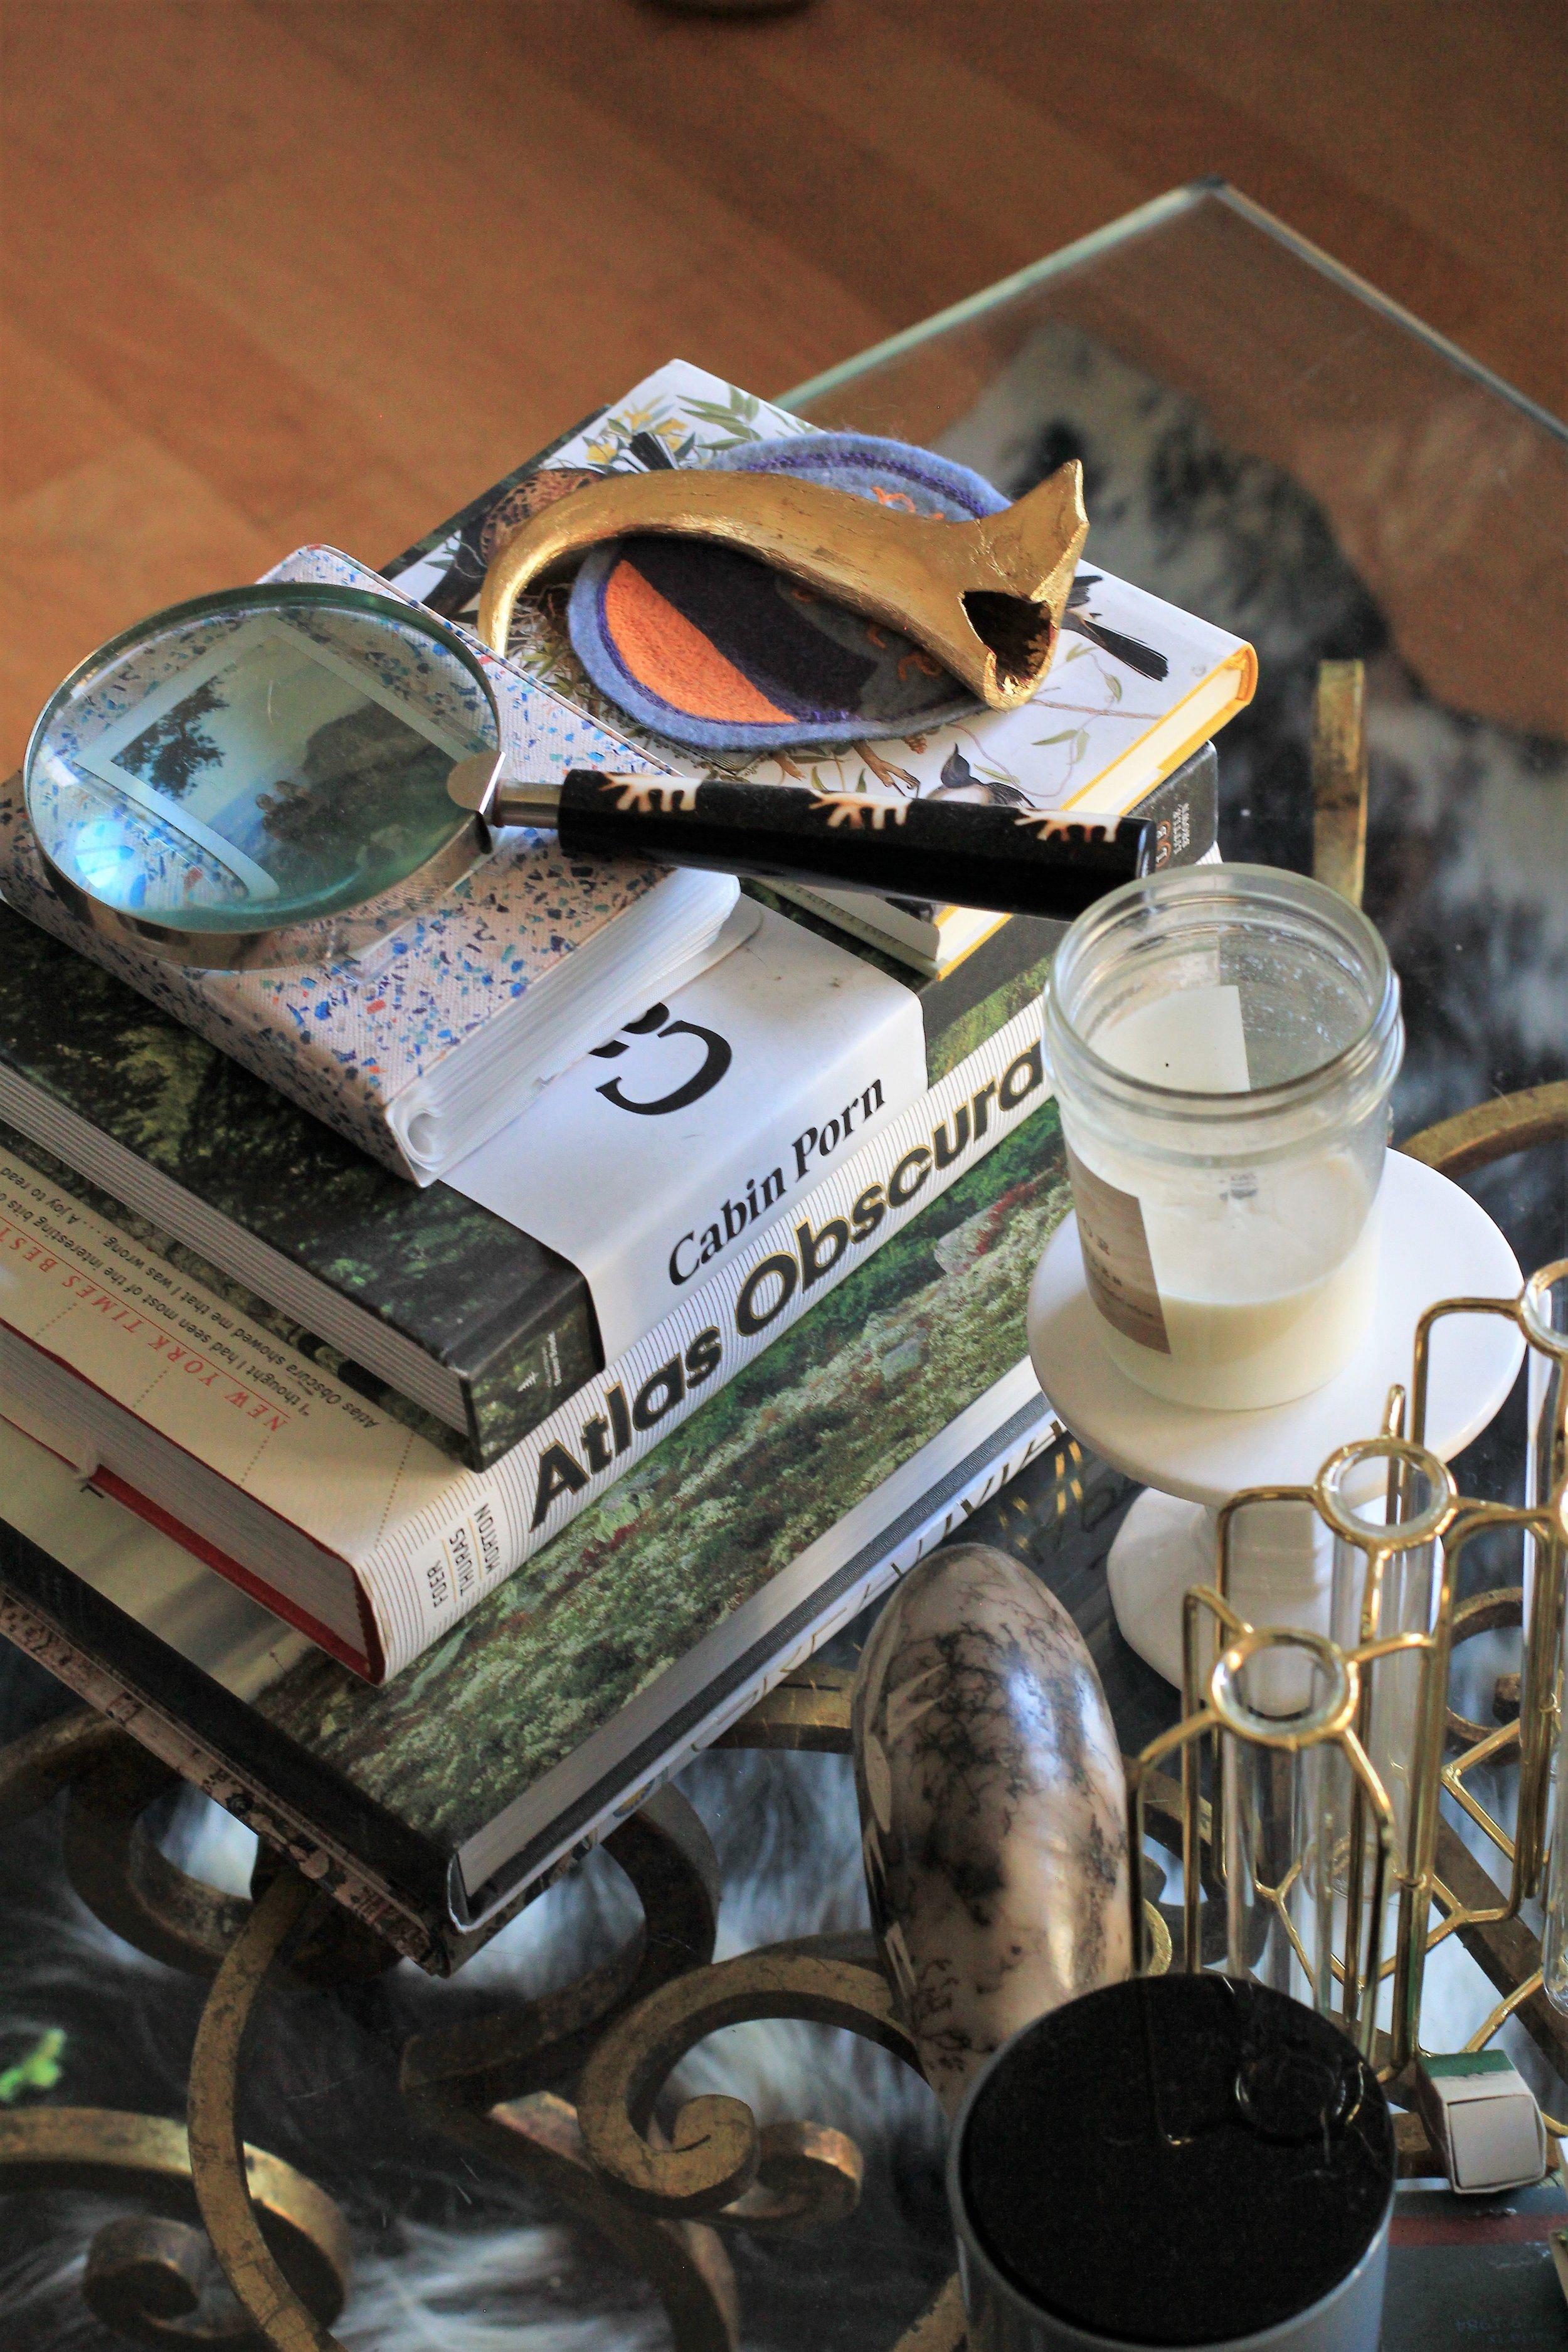 coffee table decor - Que Sera Sahra's SF home